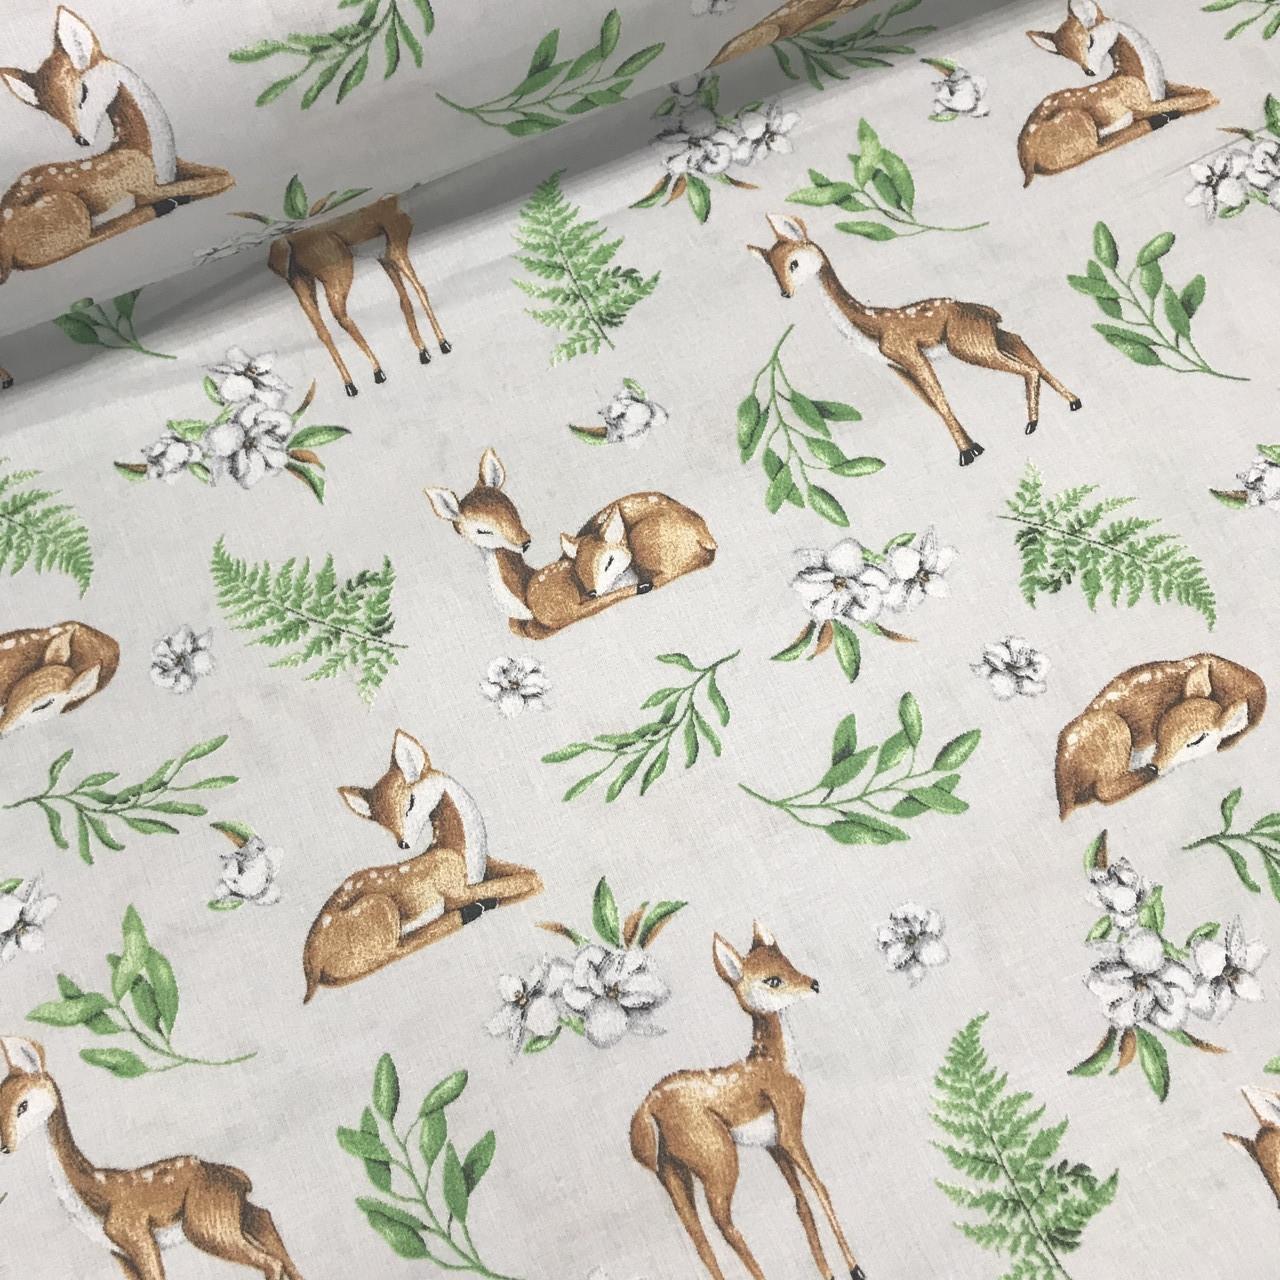 Хлопковая ткань олени коричневые и зеленые листья на светло-сером